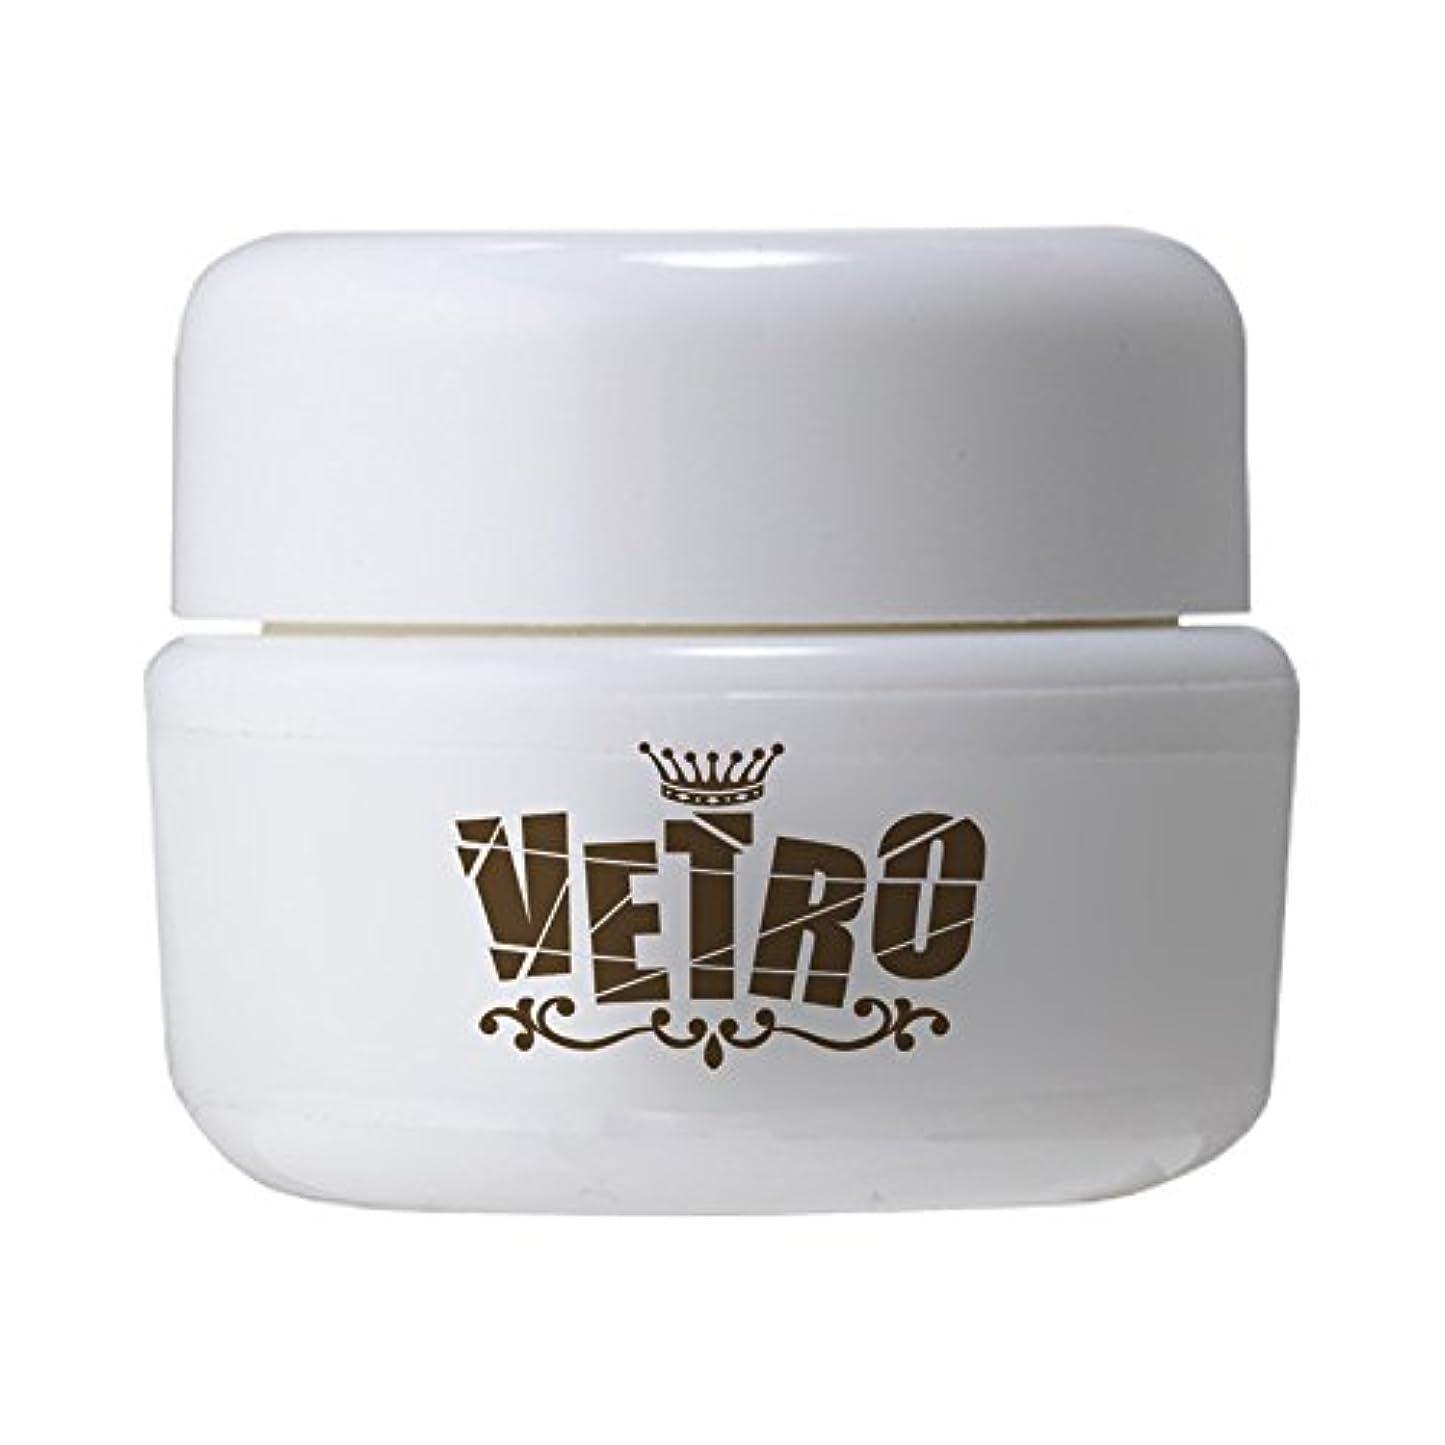 爆発若い血統VETRO No.19 カラージェル マット VL366 サンゴストーン 4ml